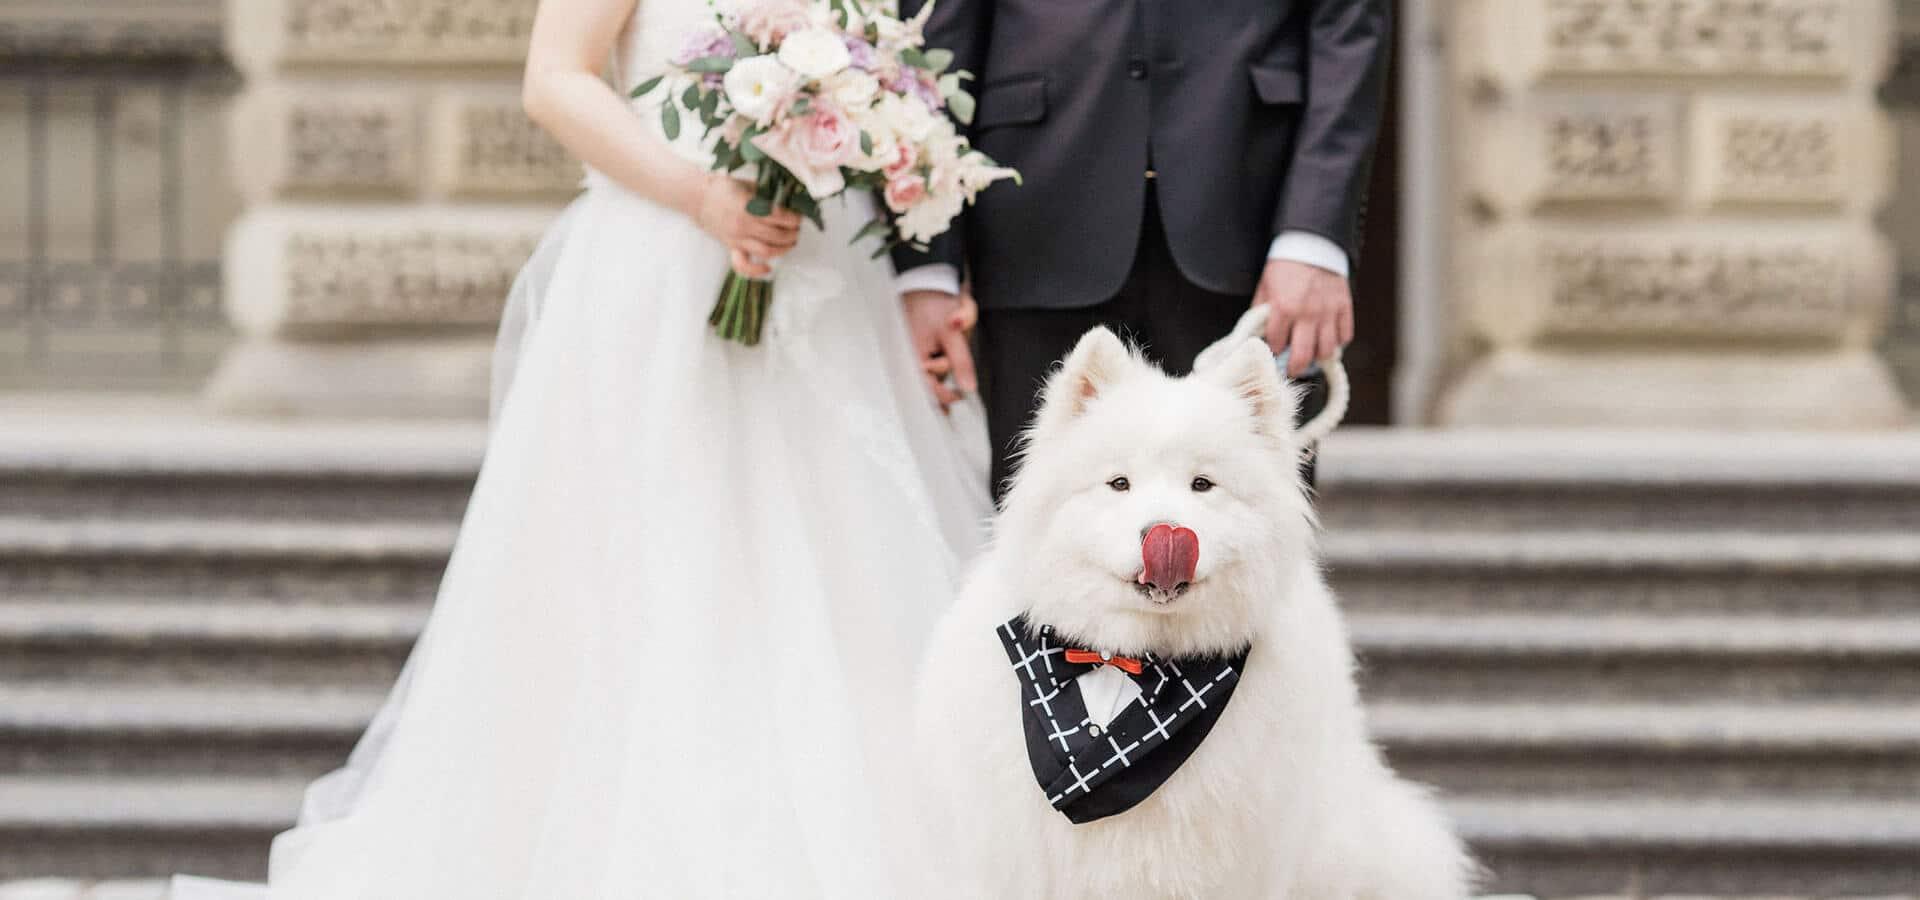 Hero image for Christina and Tao's Sweet Shangri-La Wedding